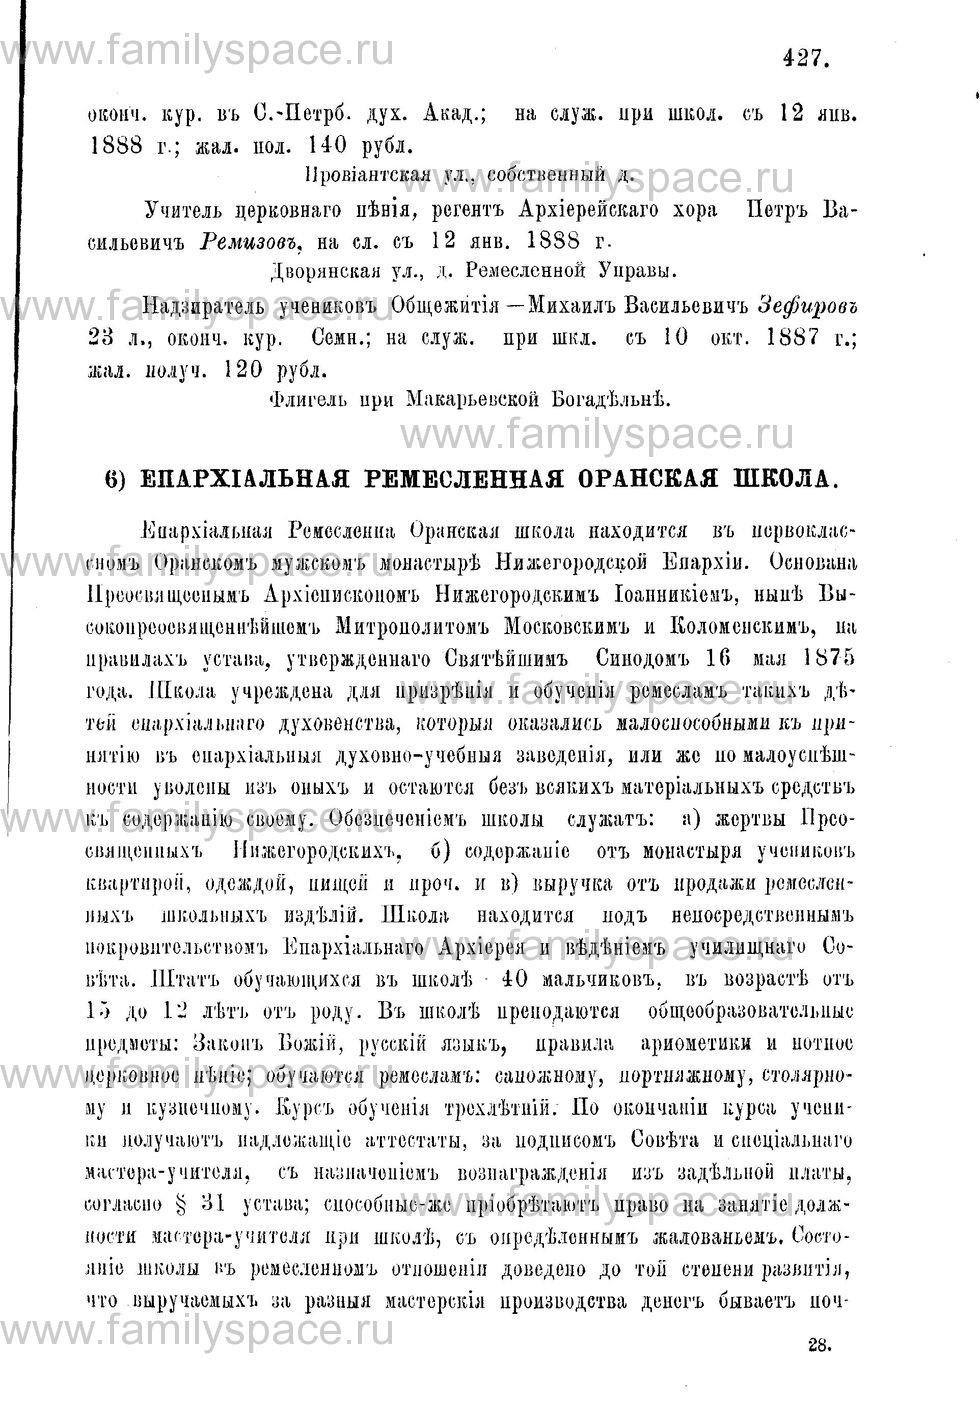 Поиск по фамилии - Адрес-календарь Нижегородской епархии на 1888 год, страница 1427